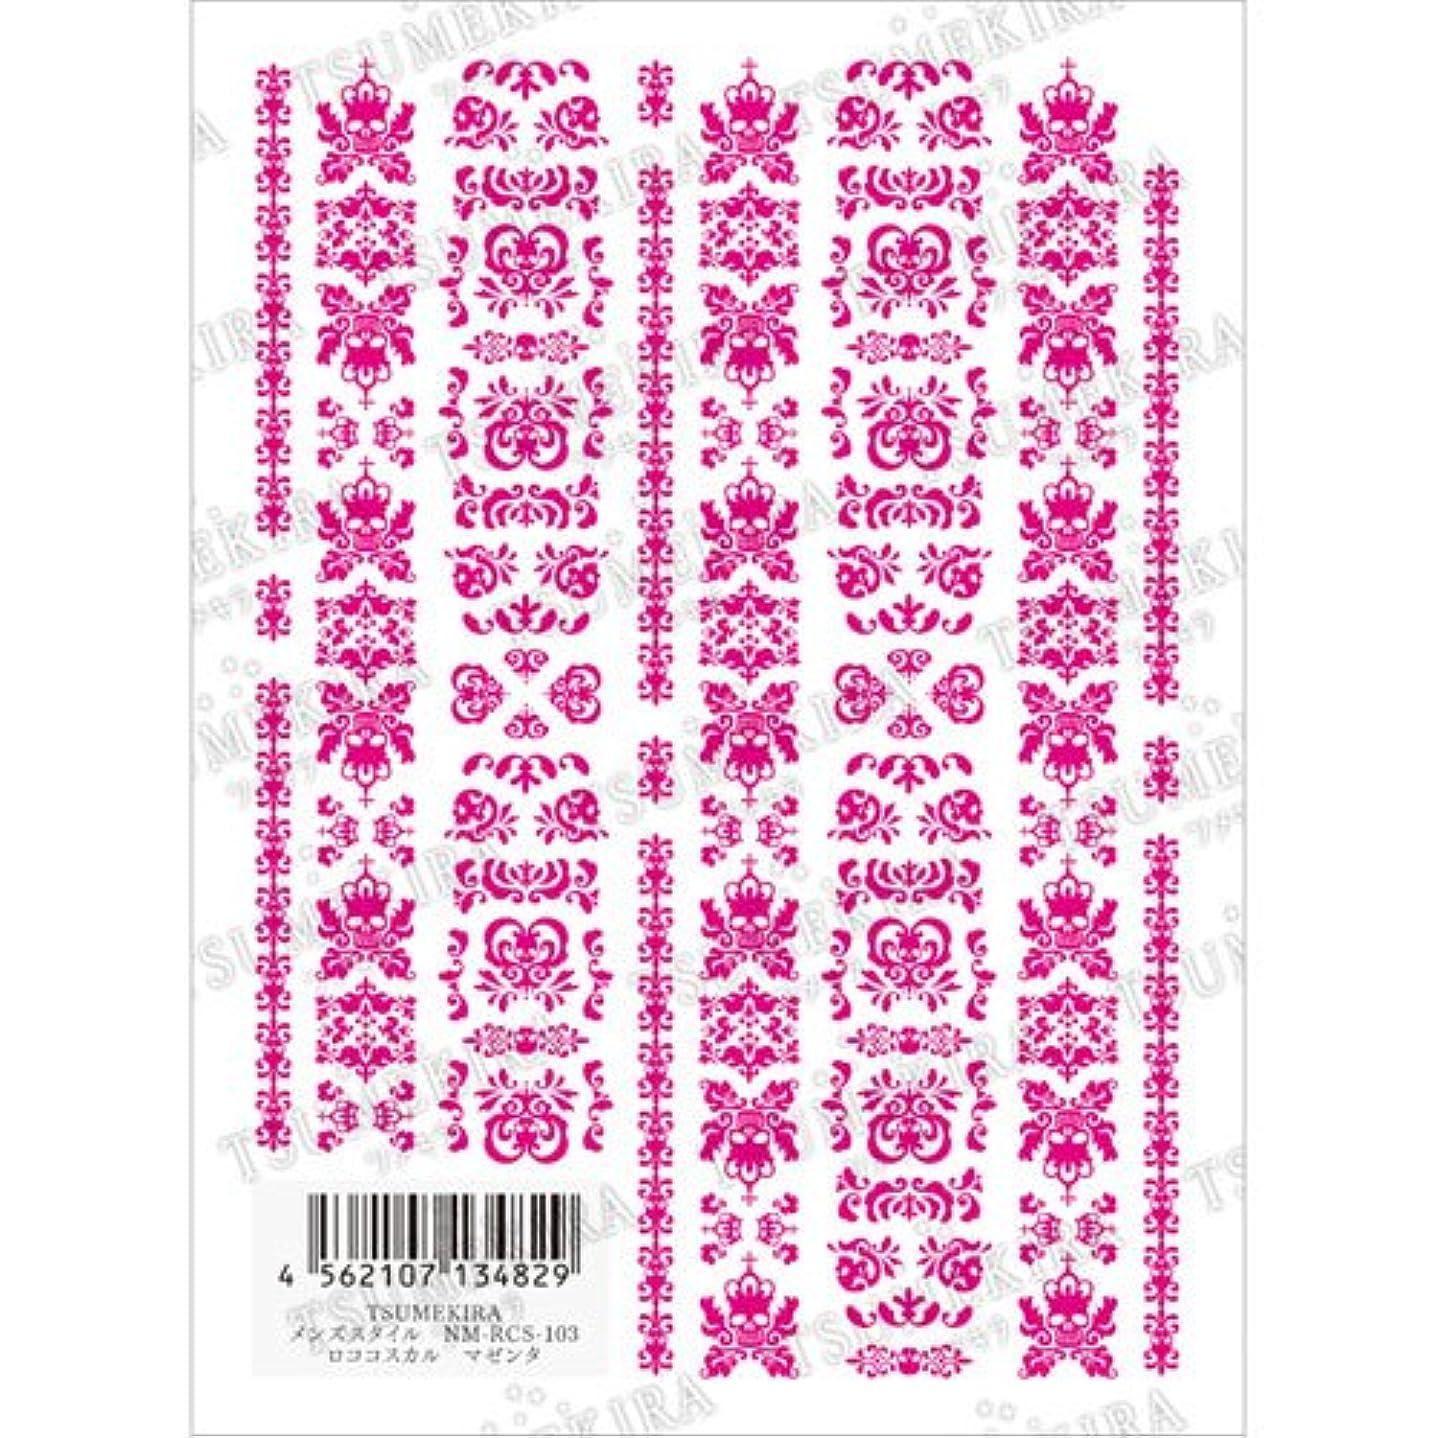 振り子間違いなく電気ツメキラ ネイル用シール メンズスタイル ロココスカル ピンク